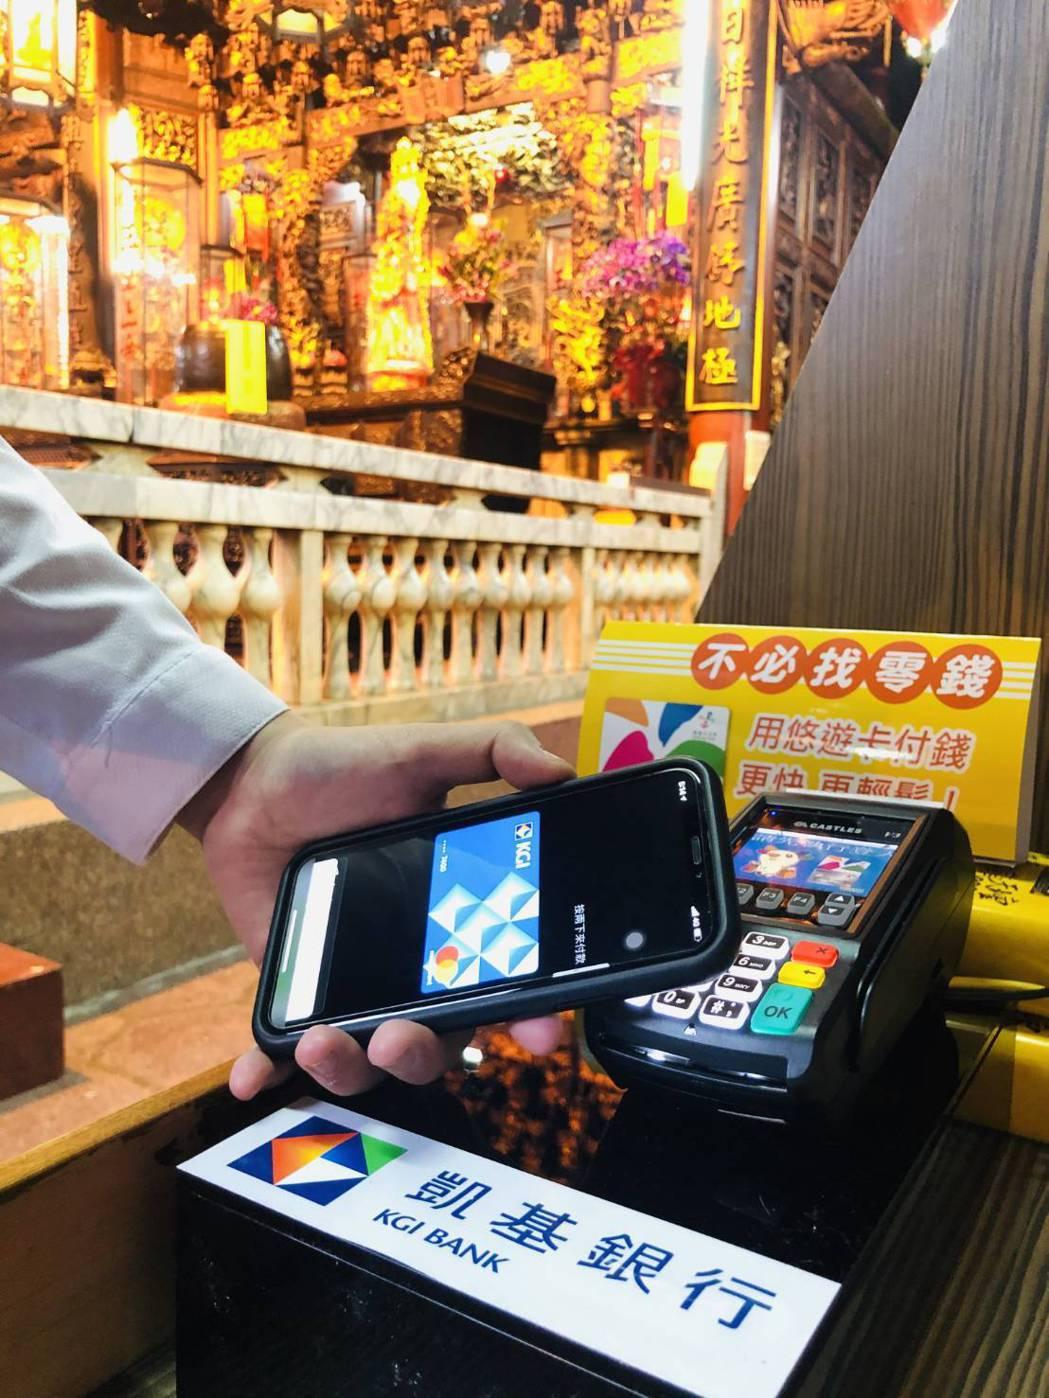 廟方啟動數位轉型,添香油錢可用悠遊卡、信用卡或行動支付。圖/凱基銀行提供